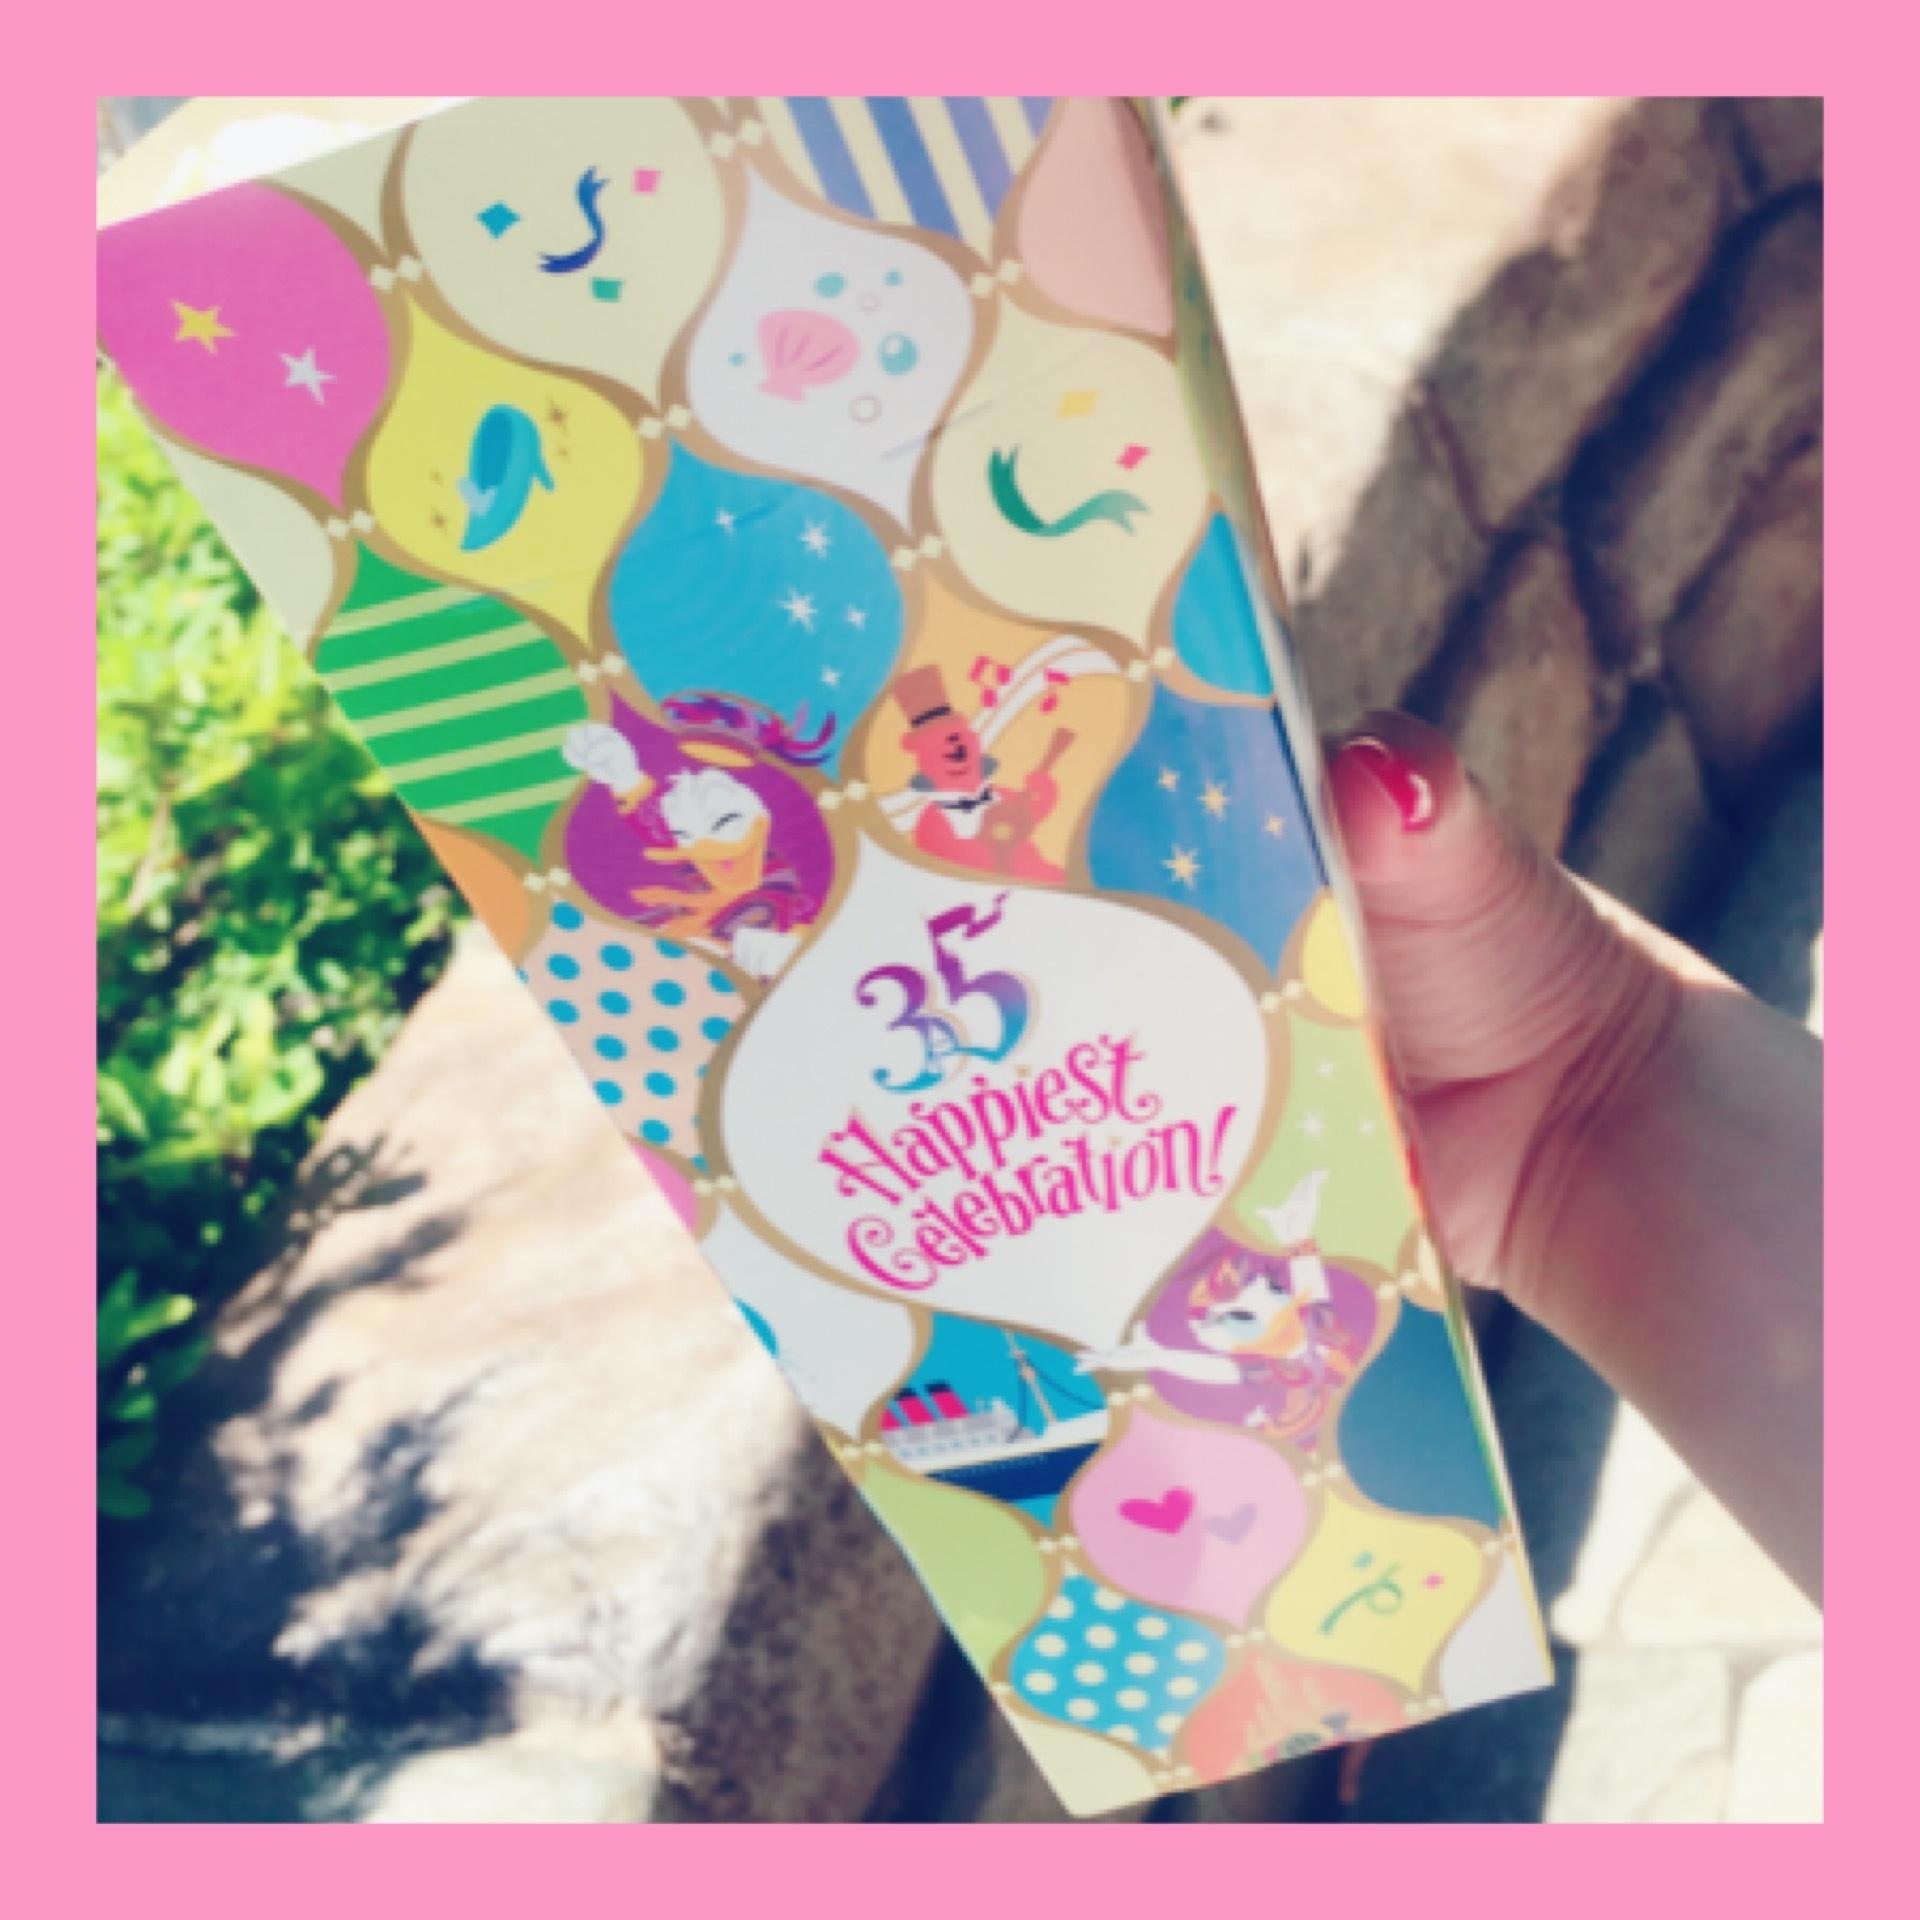 Tokyo Disneyland《 35 Happiest Gelebration! 》スペシャルフード編♫_1_2-1